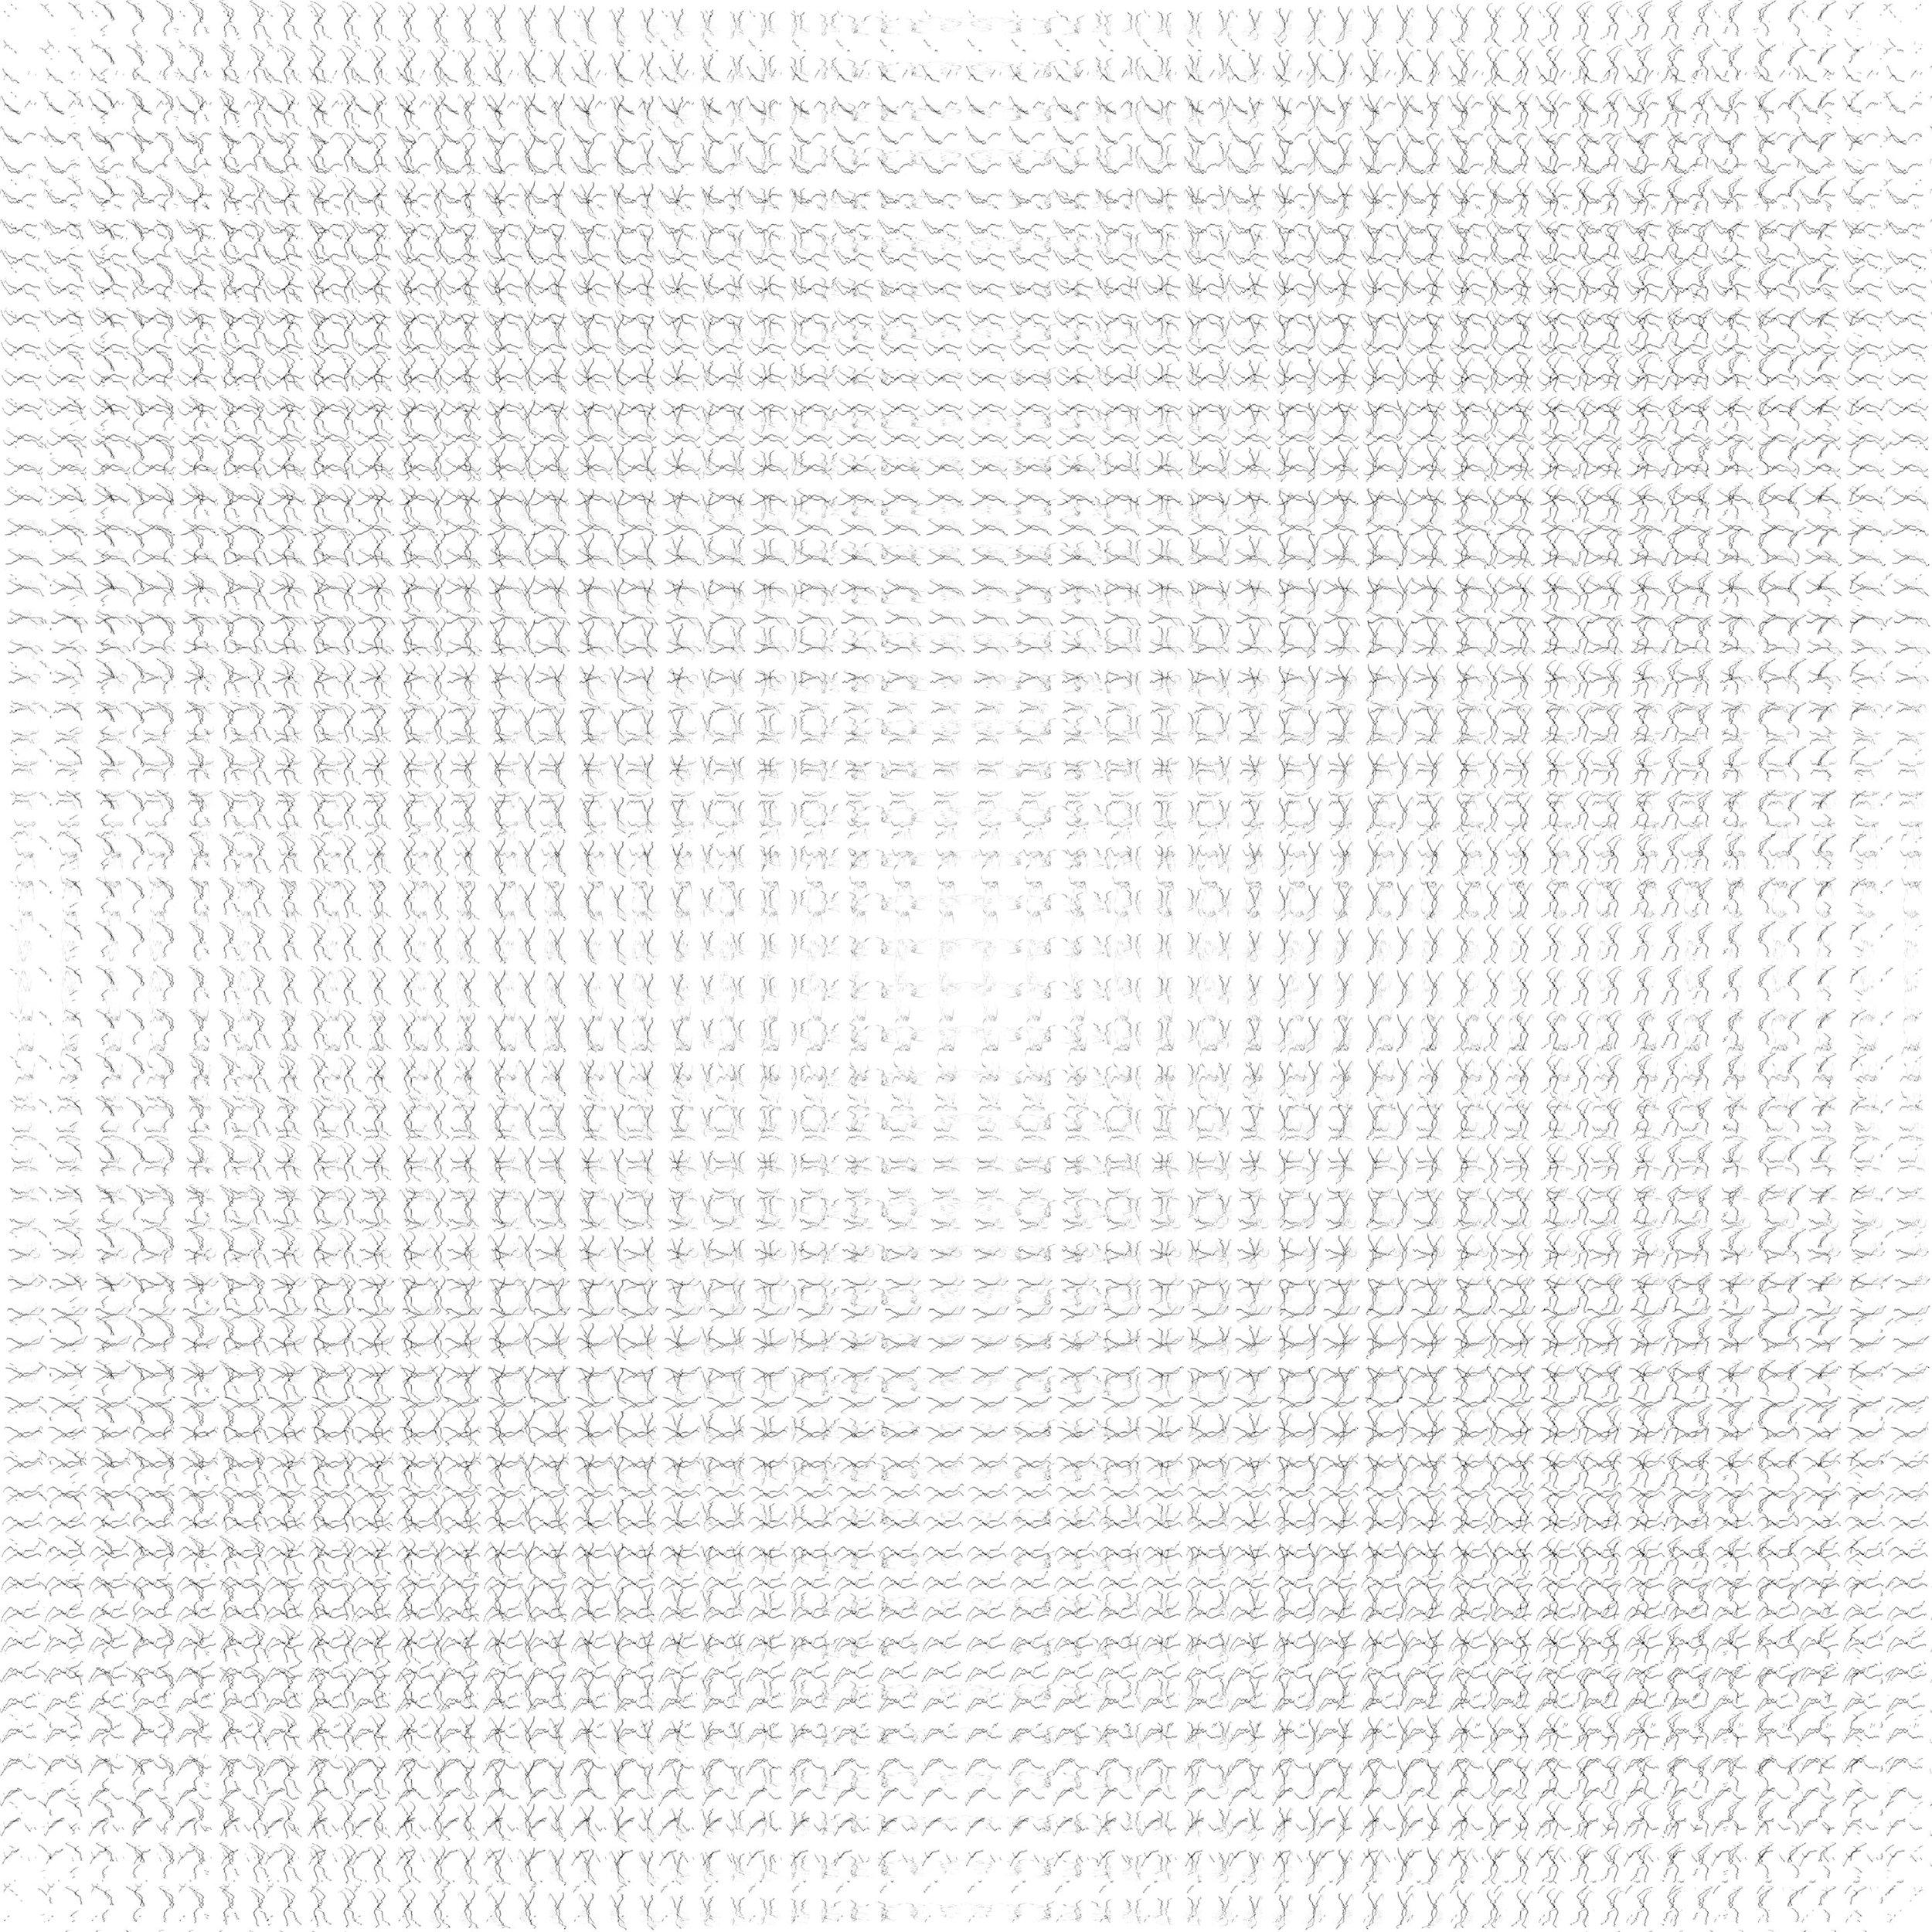 matscheko_lr_Montage_12k_2880px.jpg